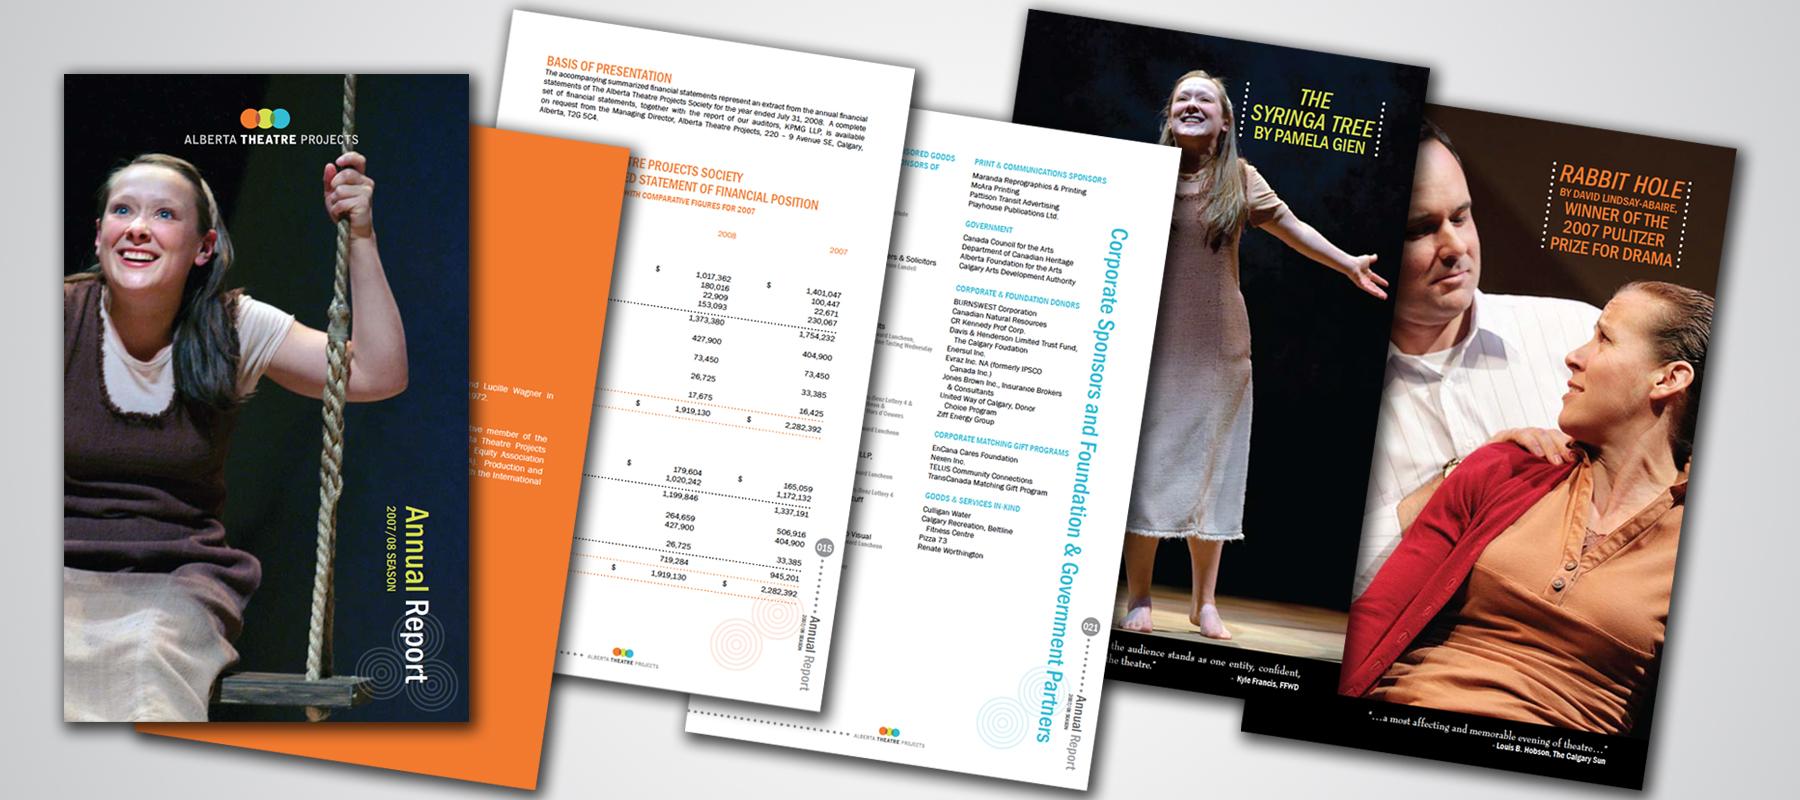 Alberta Theatre Projects | 2008 Annual Report